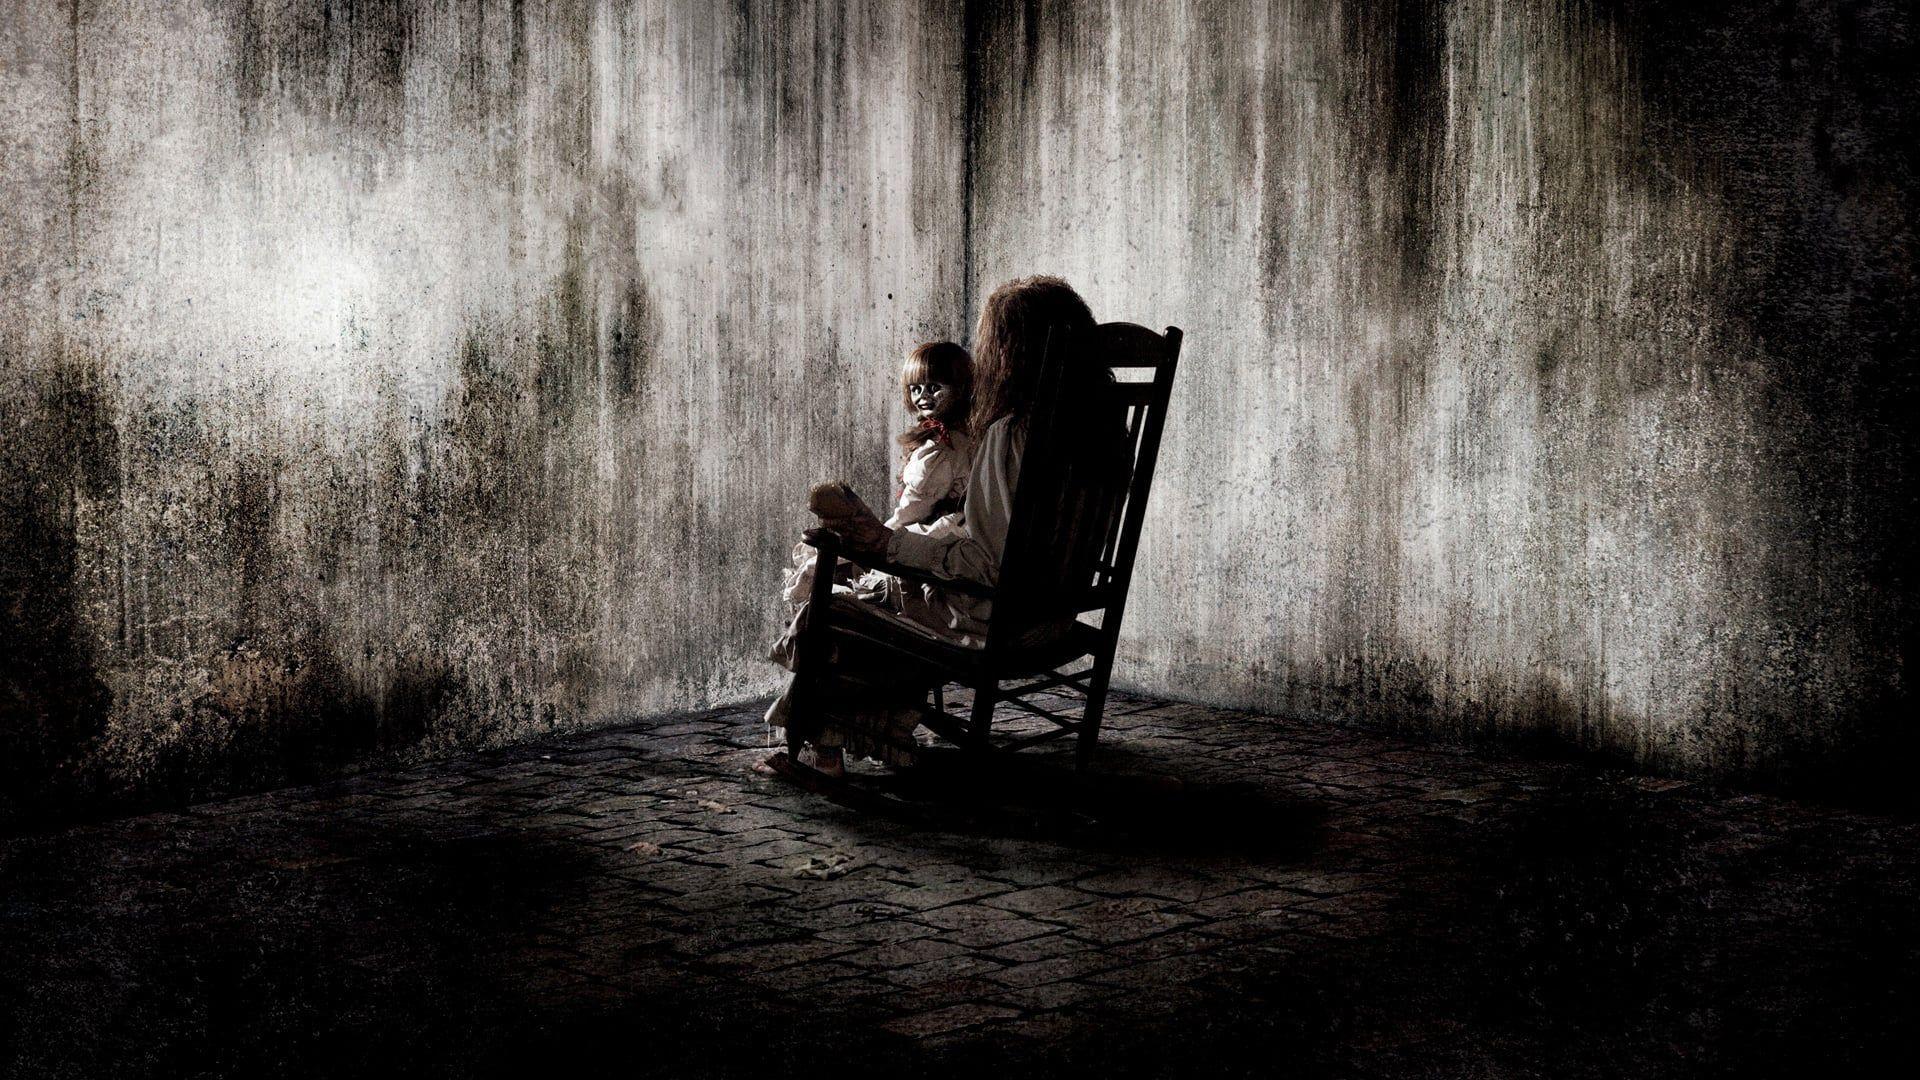 Spell Movie 2013, Dark Image wallpaper hd